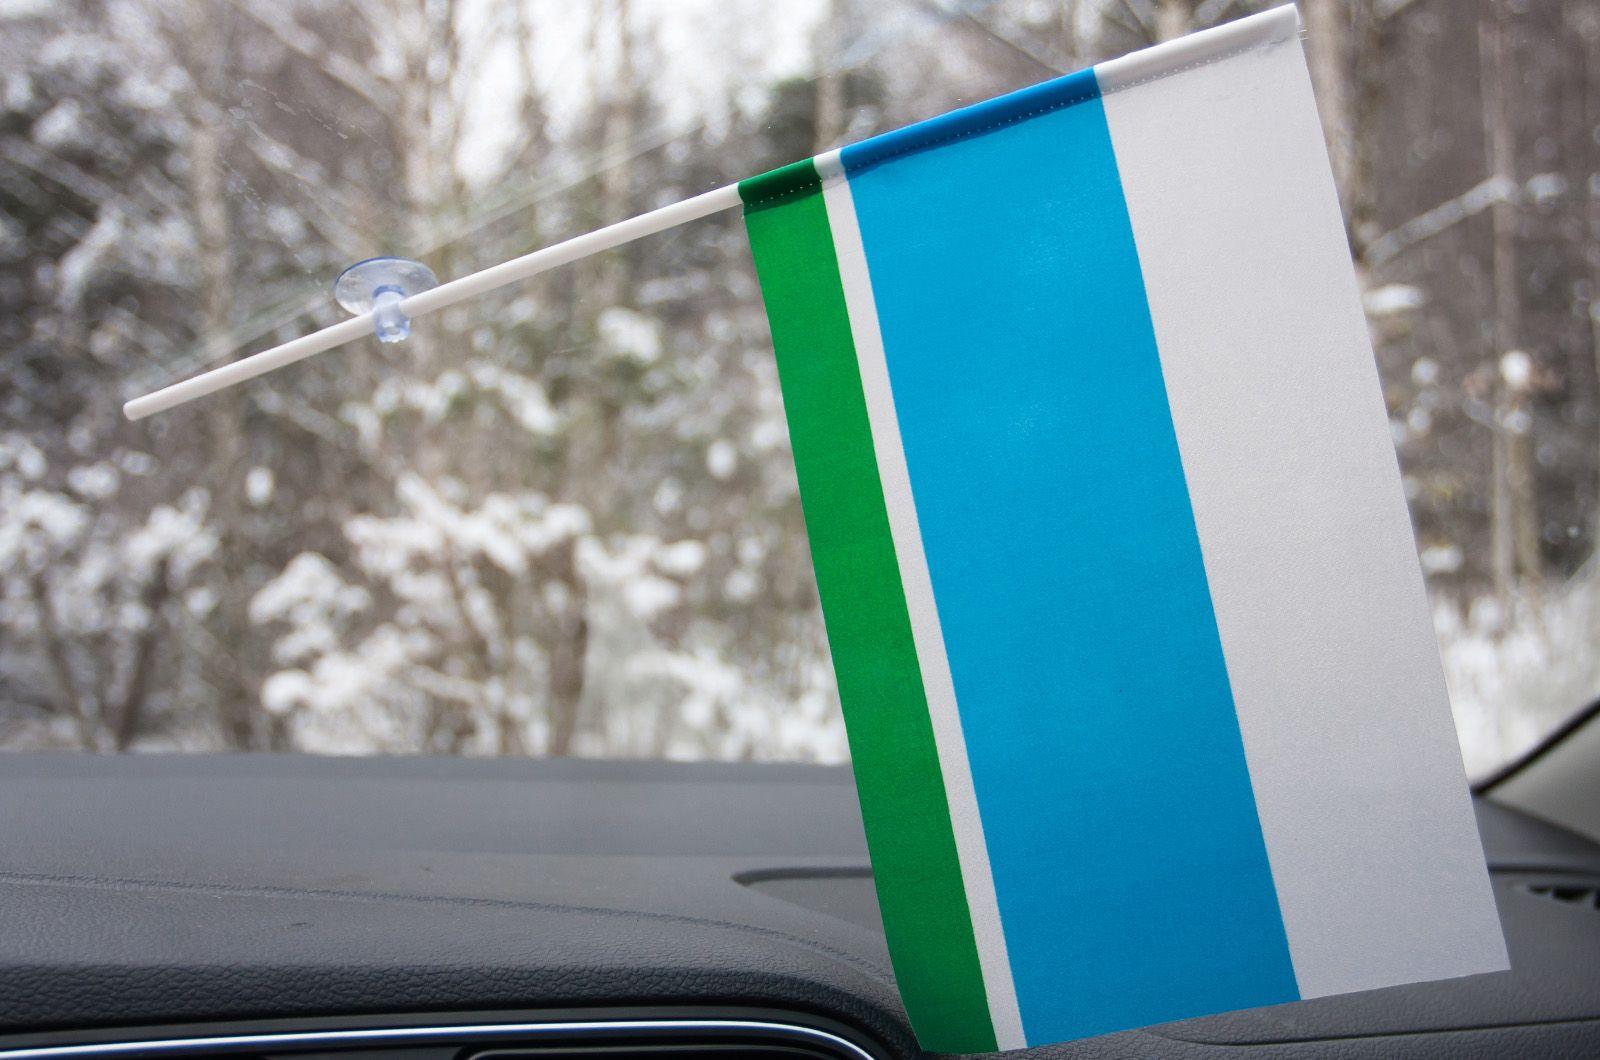 Флажок Свердловской области в машину